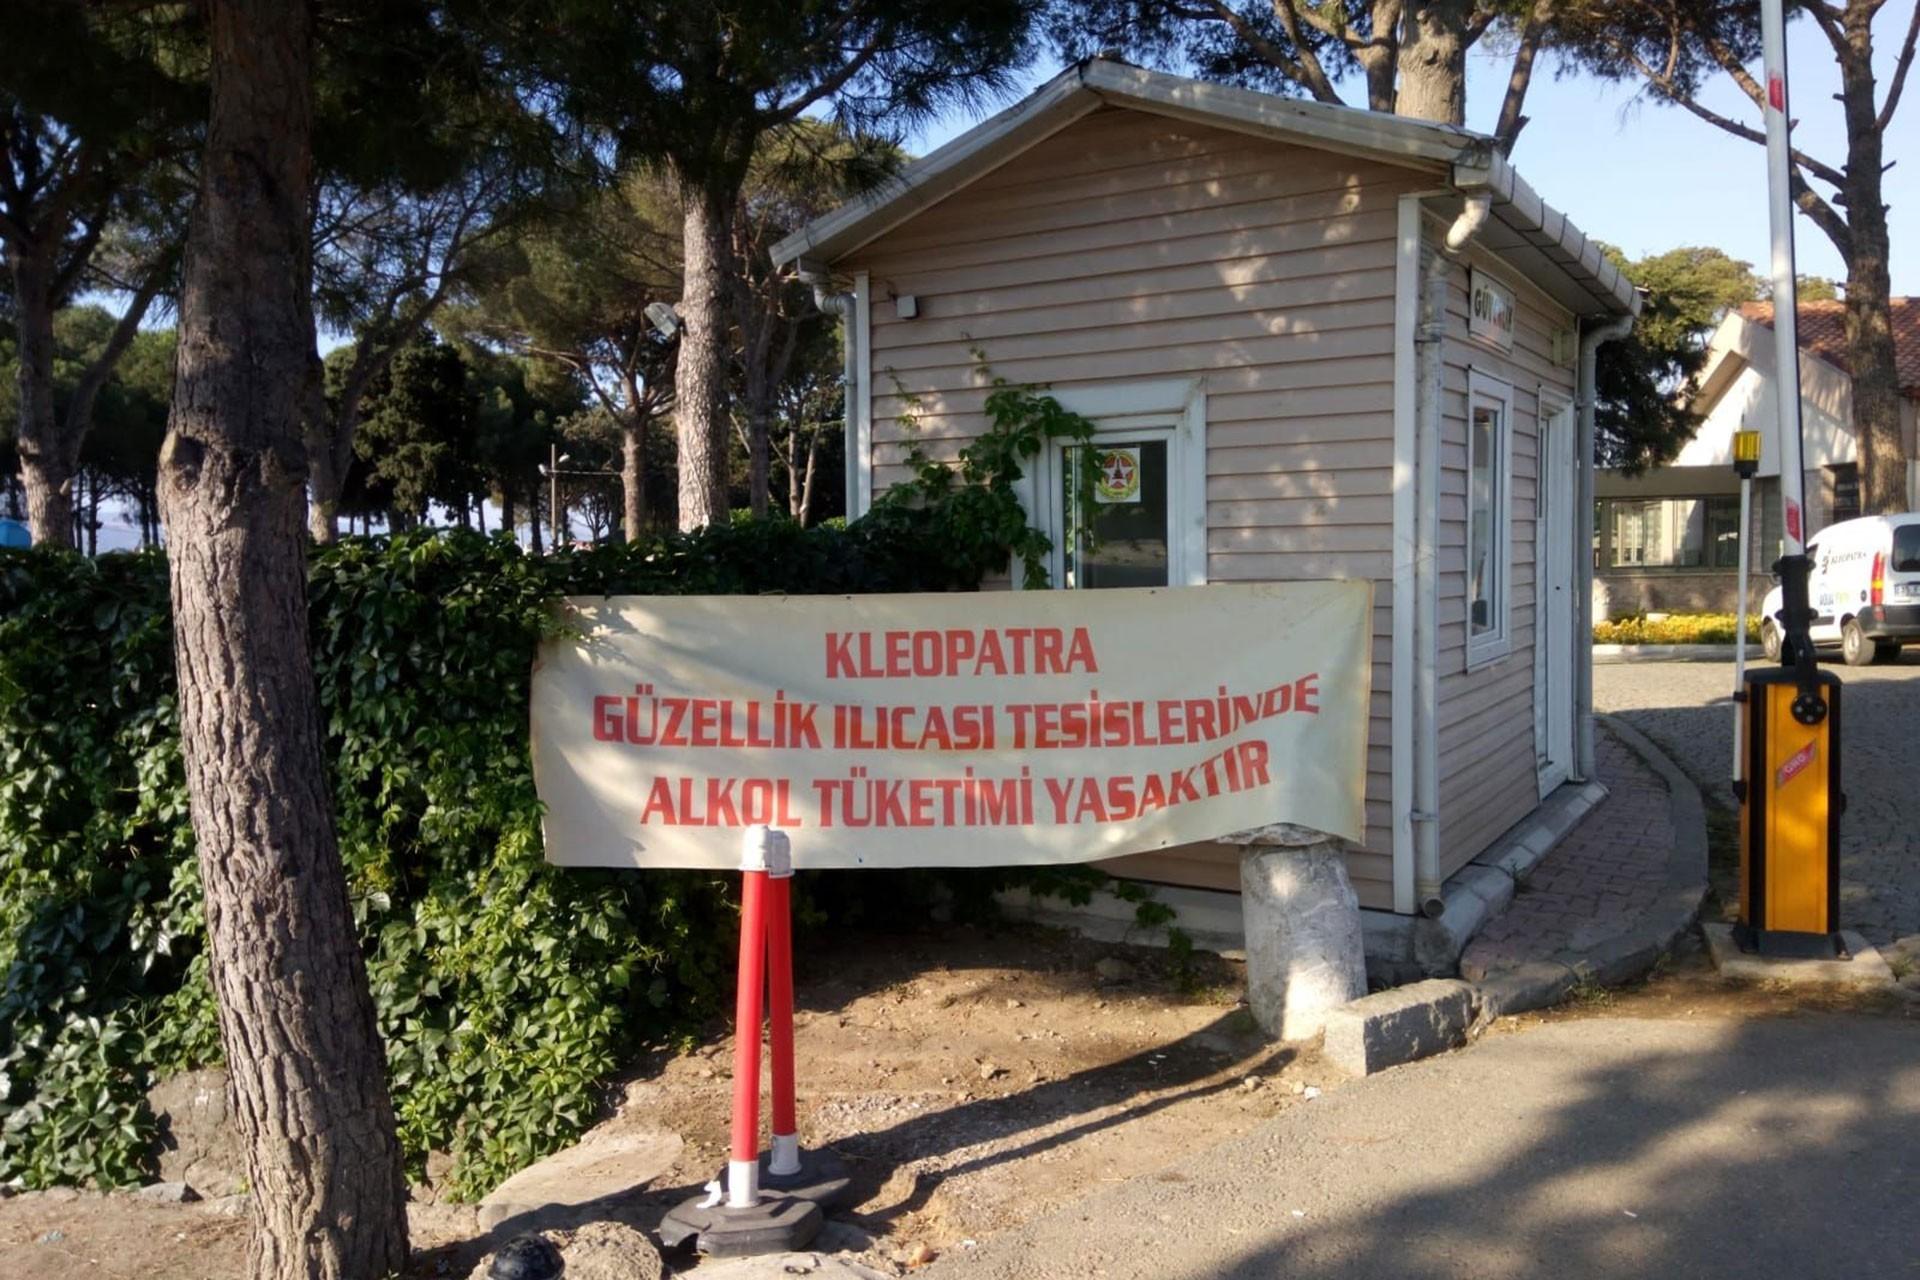 AKP'li Bergama Belediyesinden alkol yasağı